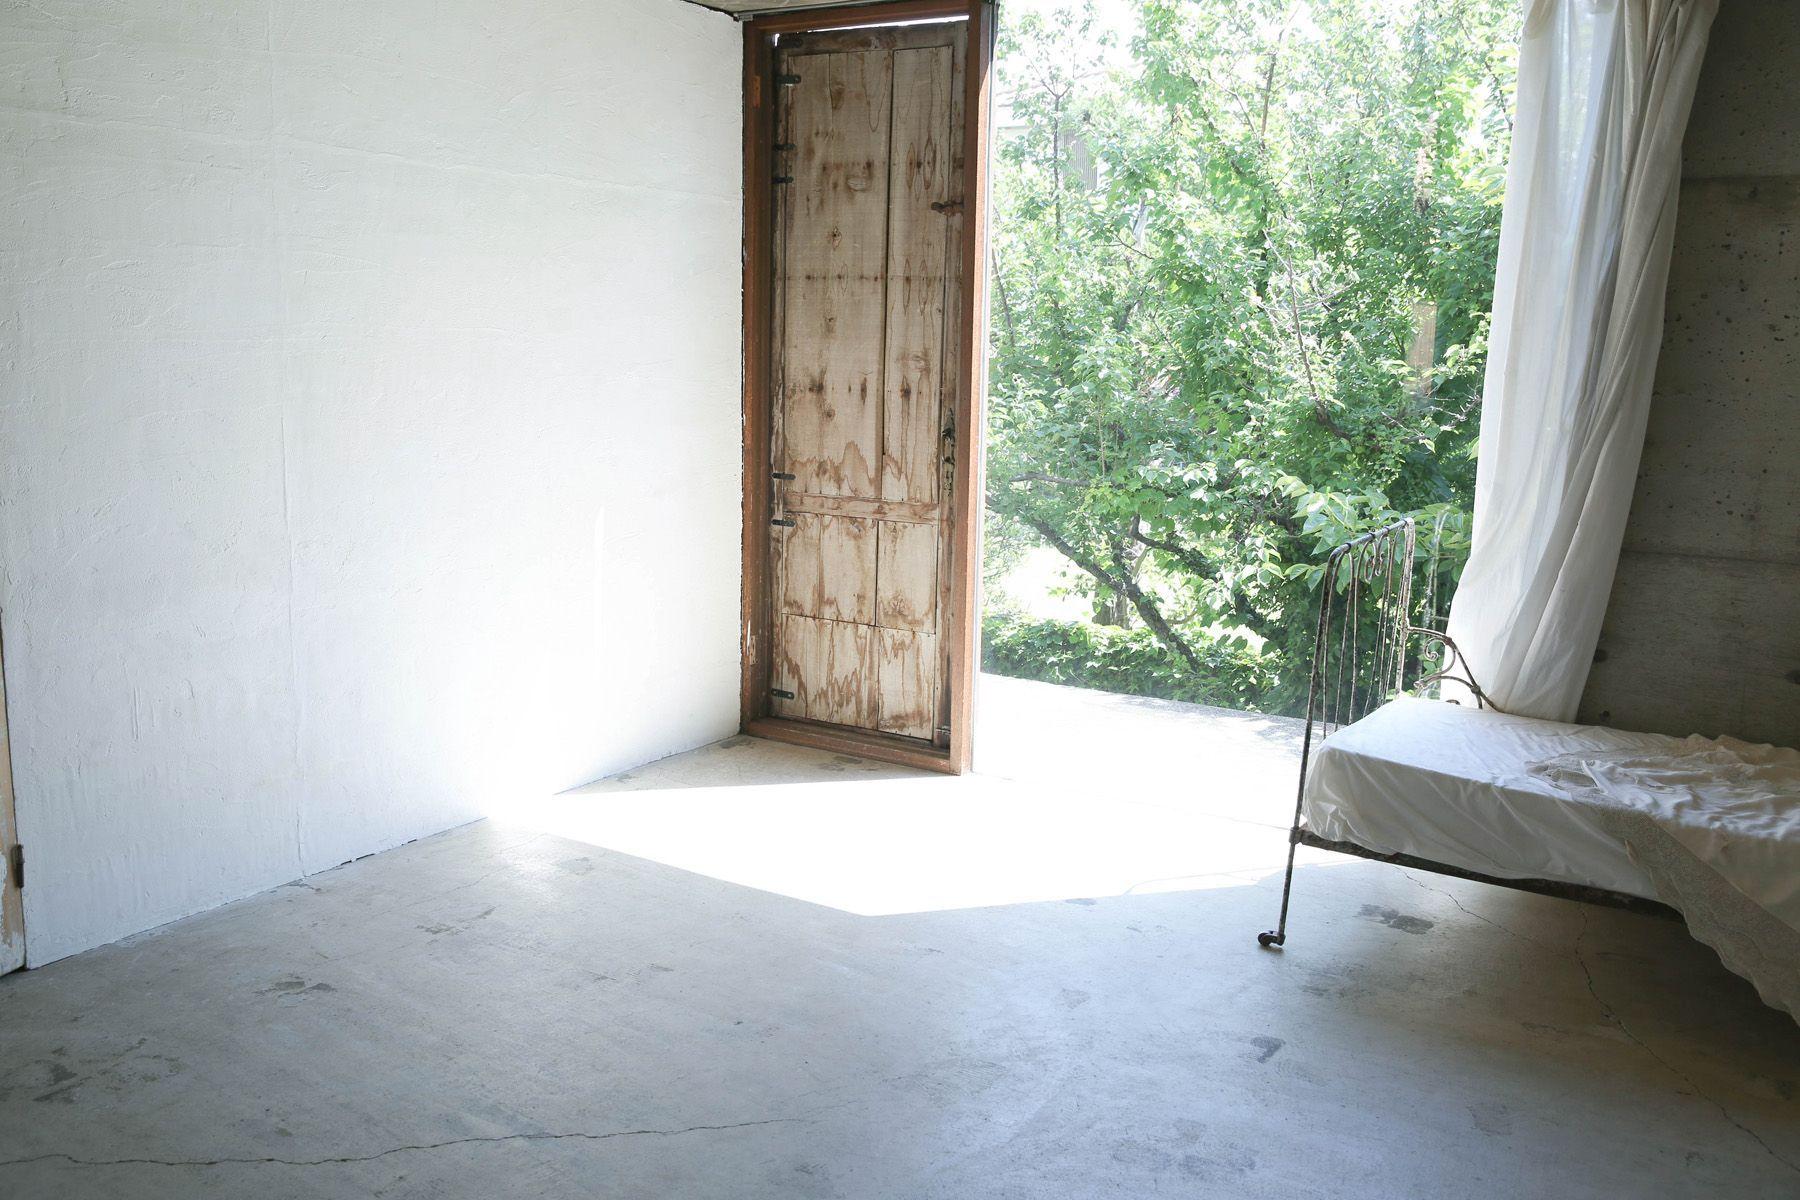 Atelier S 尾山台 (アトリエ エス)2F 南側_コンクリート床と庭抜け